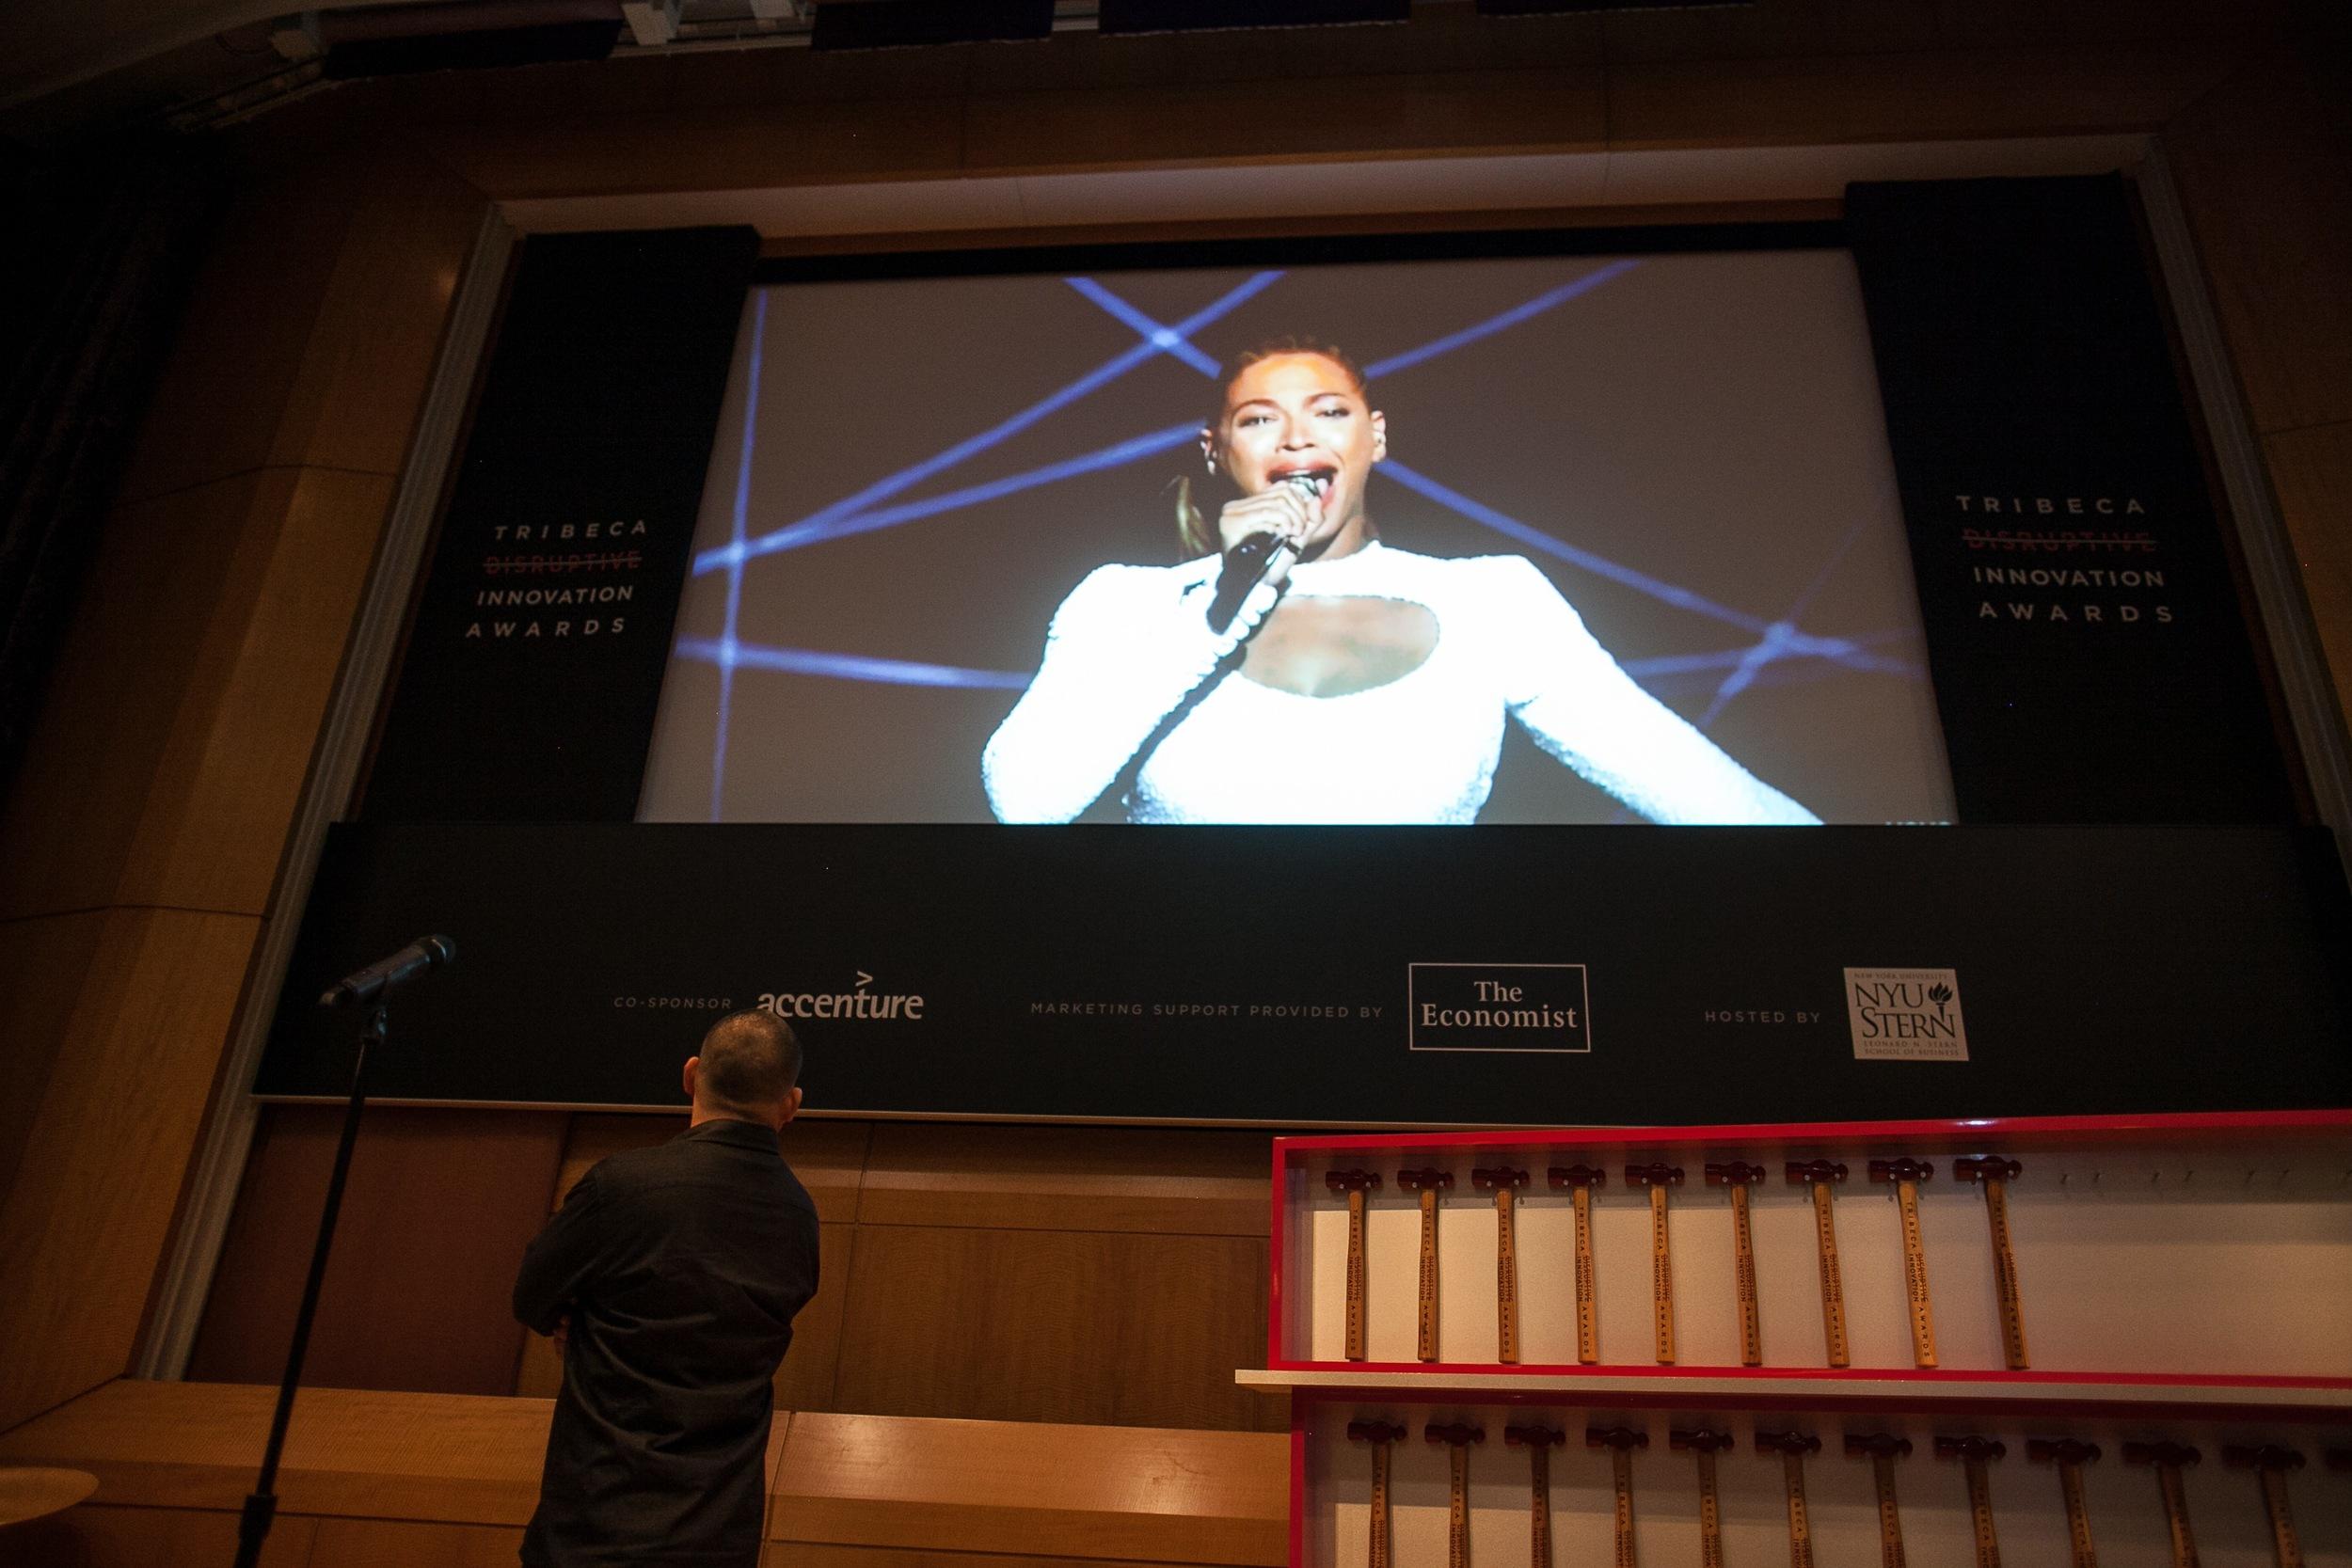 Tribeca Disruptive Innovation Awards 2013 - 069.jpg